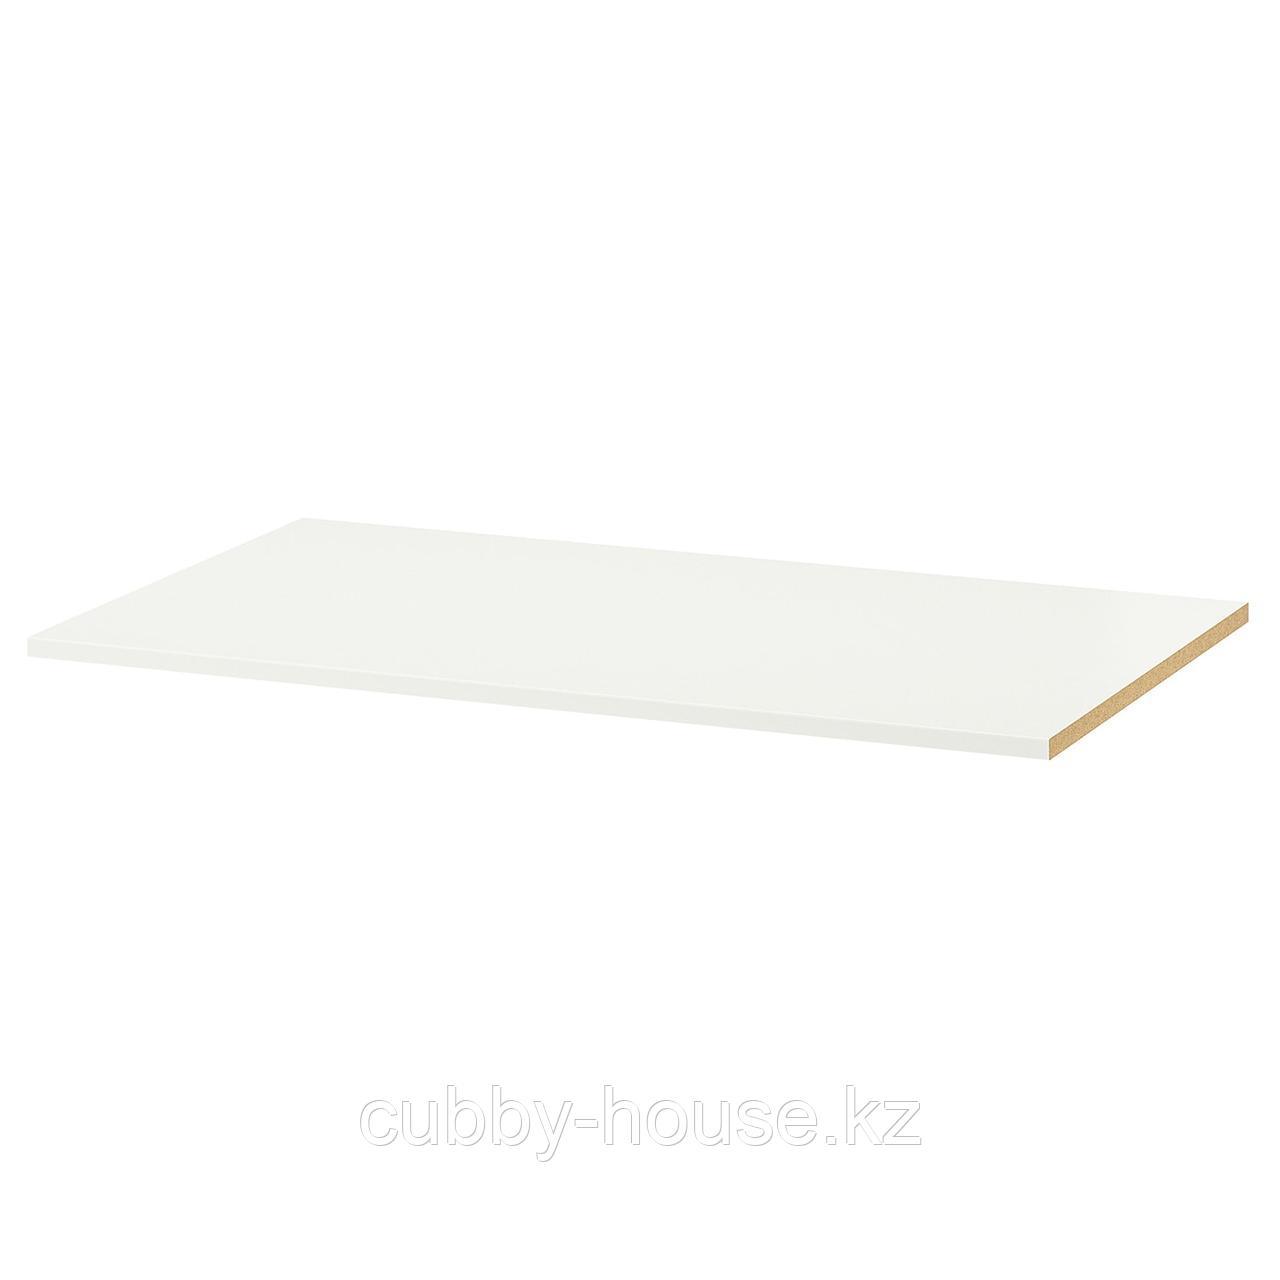 КОМПЛИМЕНТ Полка, белый, 100x35 см